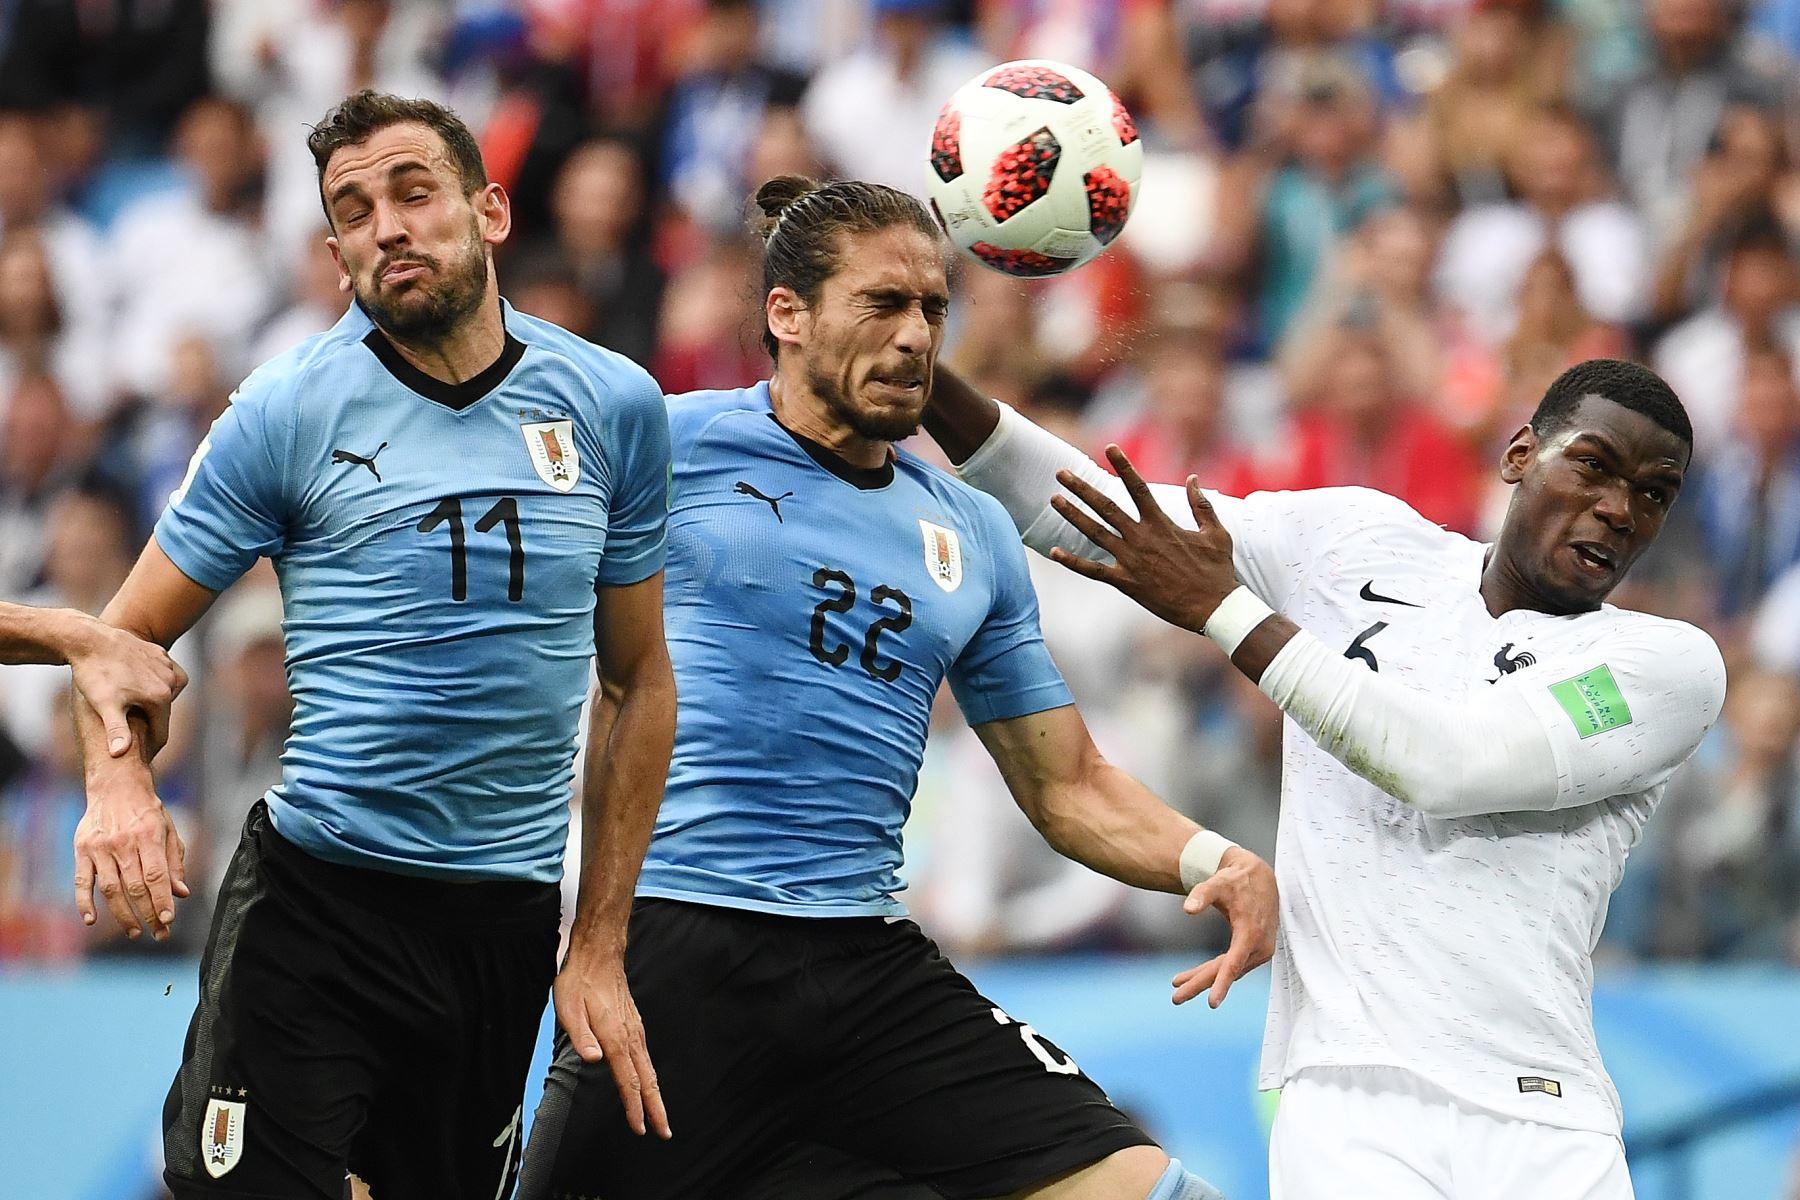 Recorrido de Francia hacia la final del Mundial de Rusia-2018   Noticias   Agencia Peruana de Noticias Andina